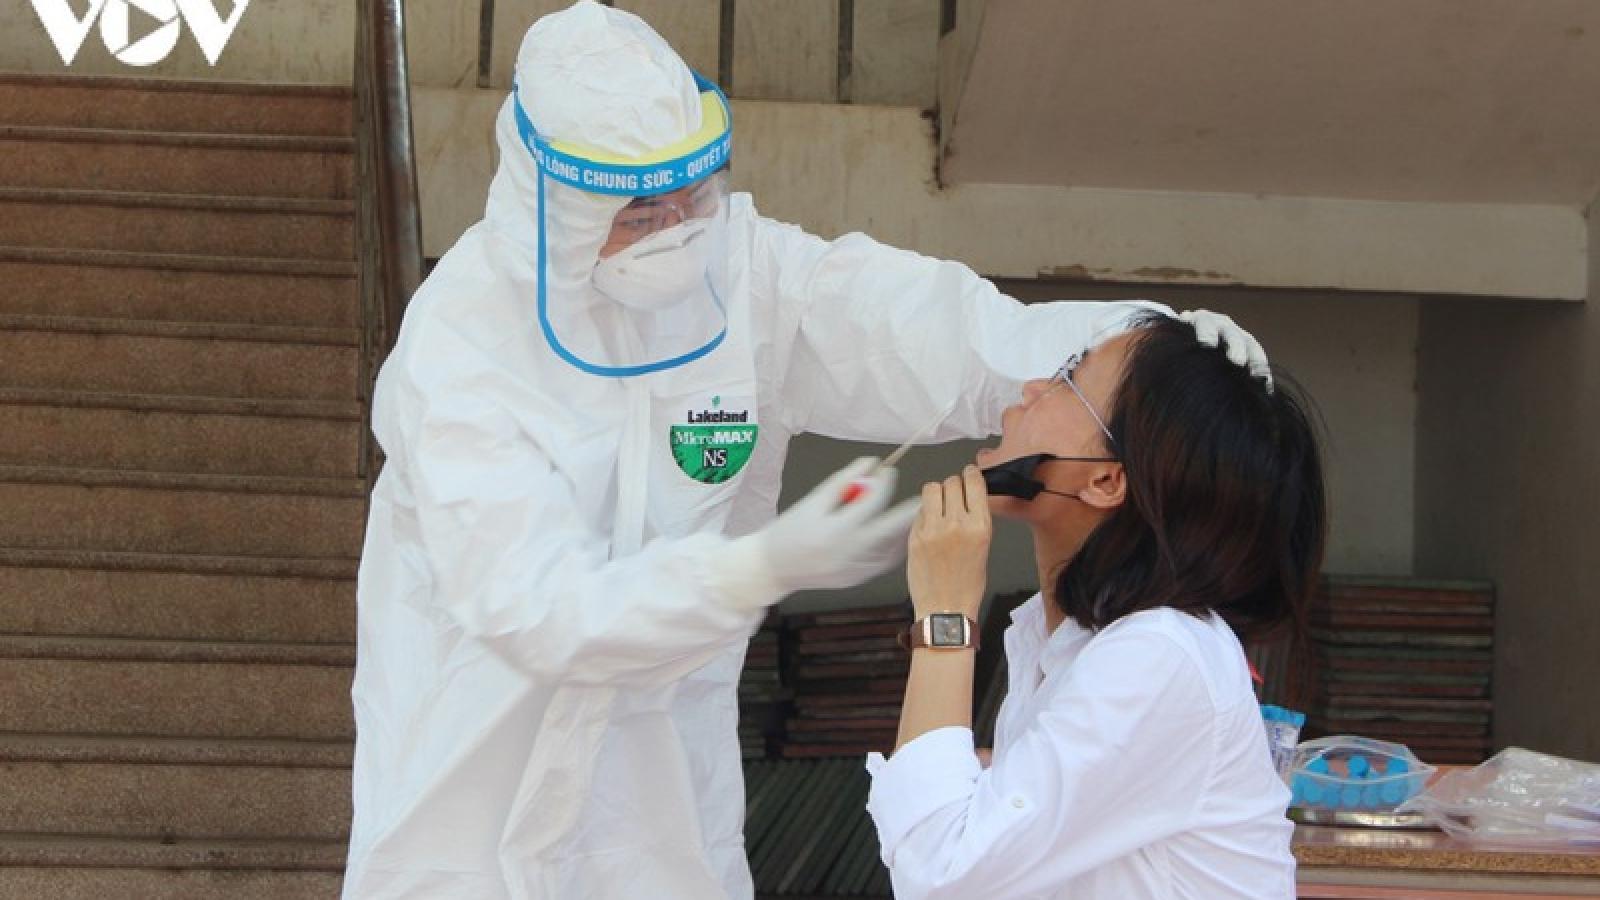 Phát hiện 1 trường hợp tái dương tính với SARS-CoV-2 tại Quảng Bình